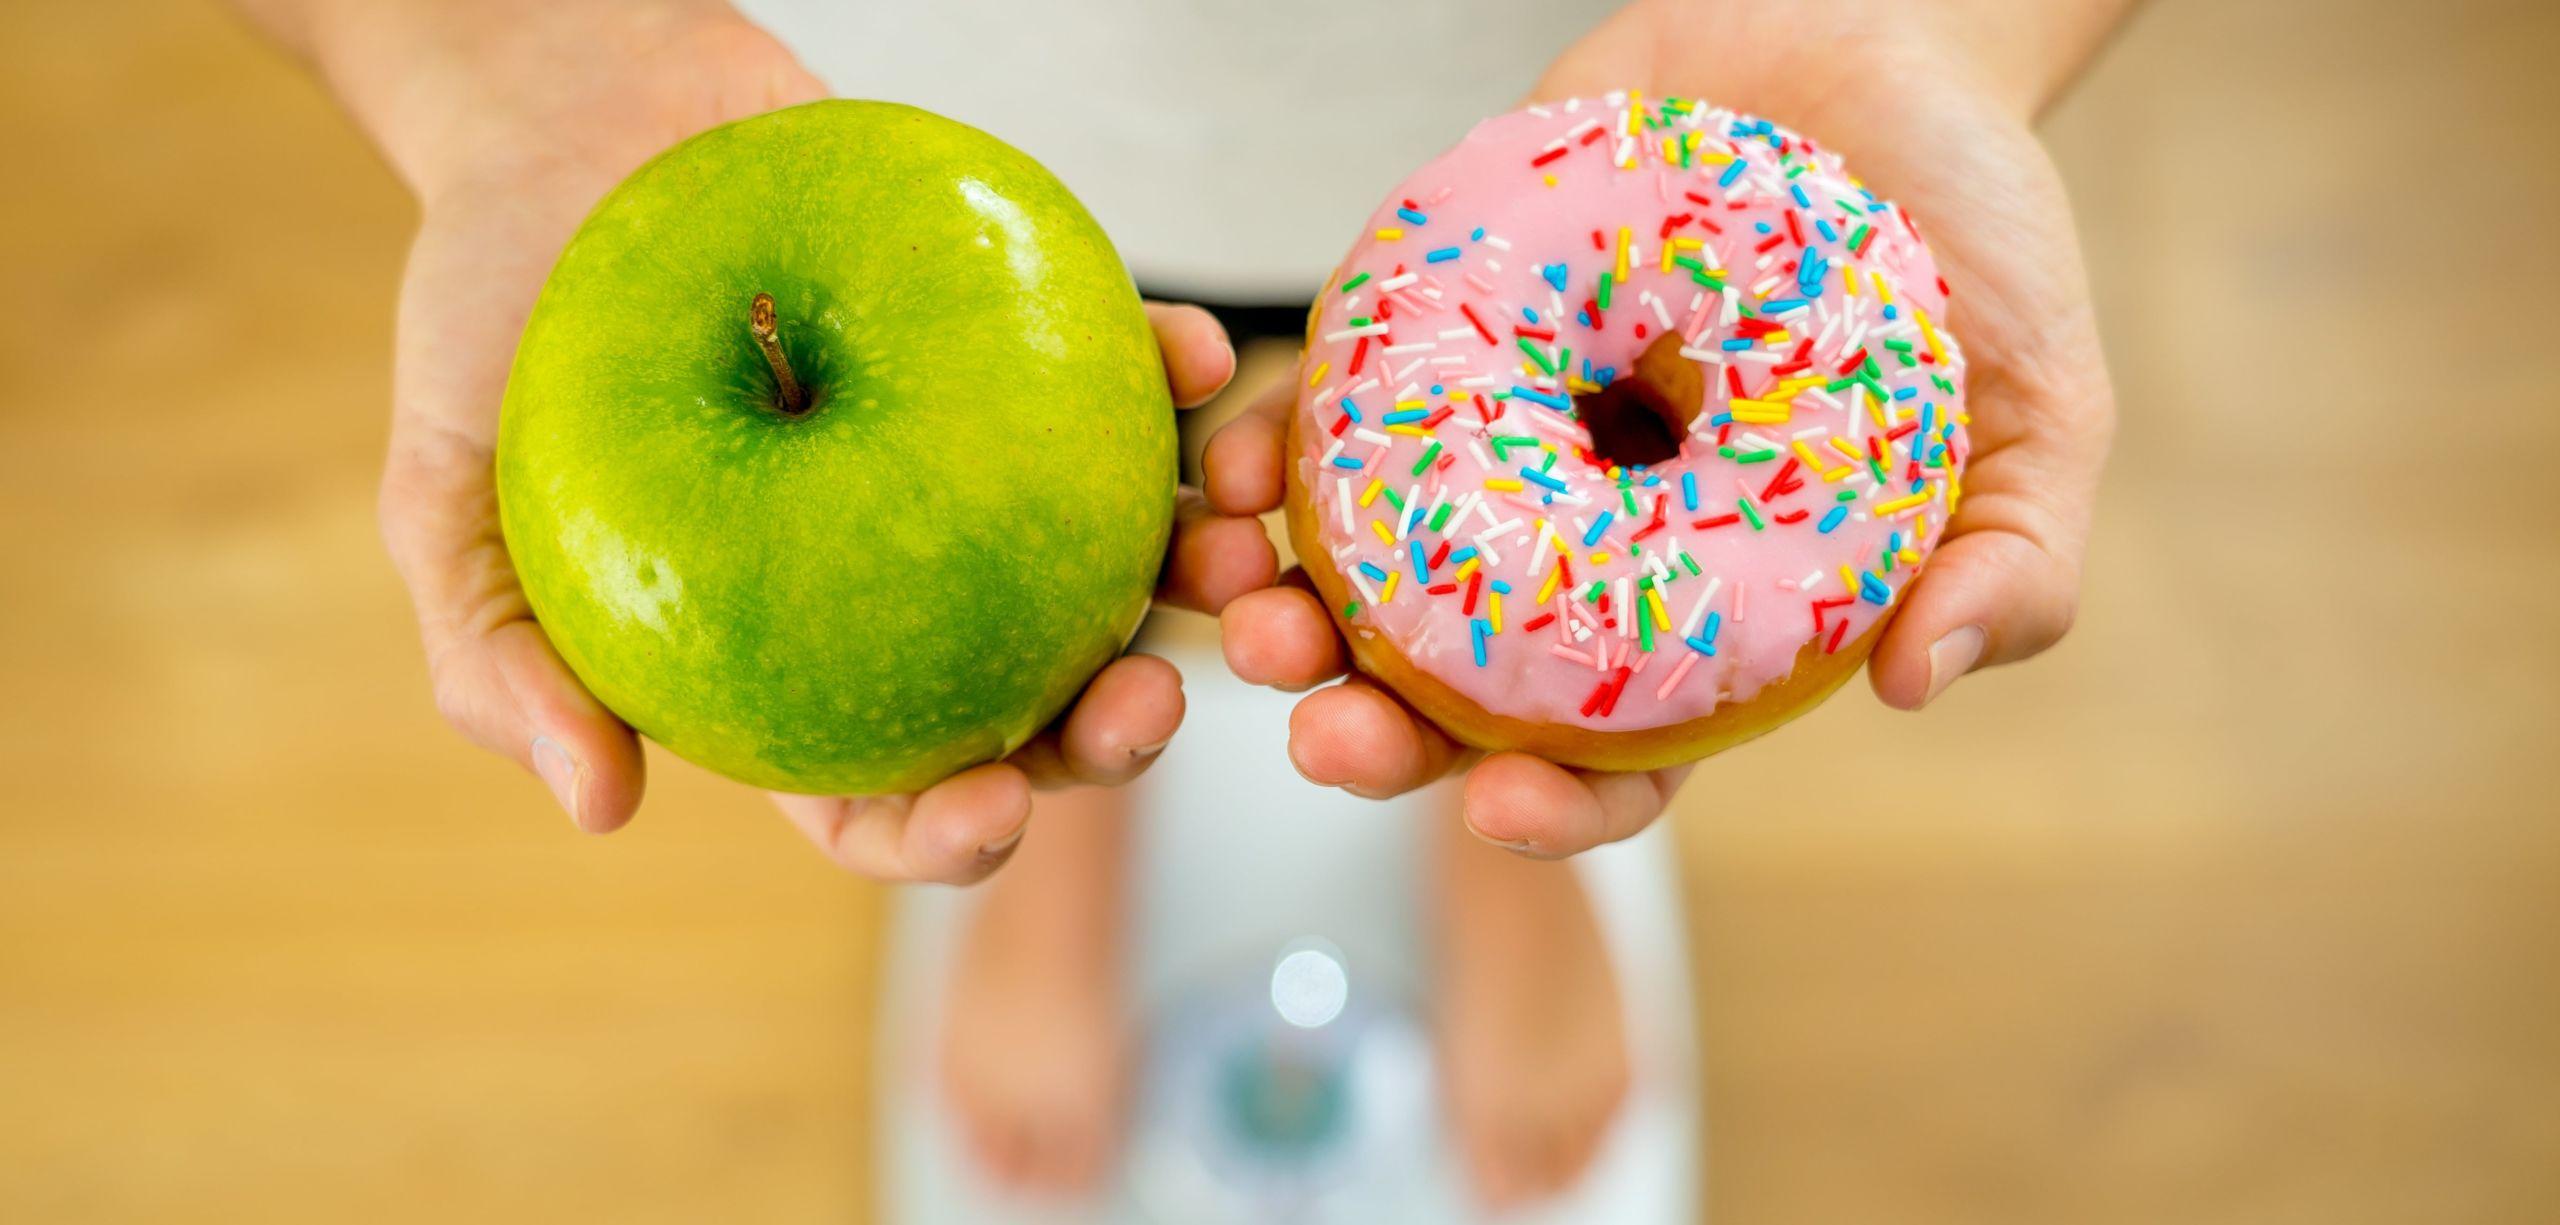 Dieta ipocalorico, calorie e perchè non funziona